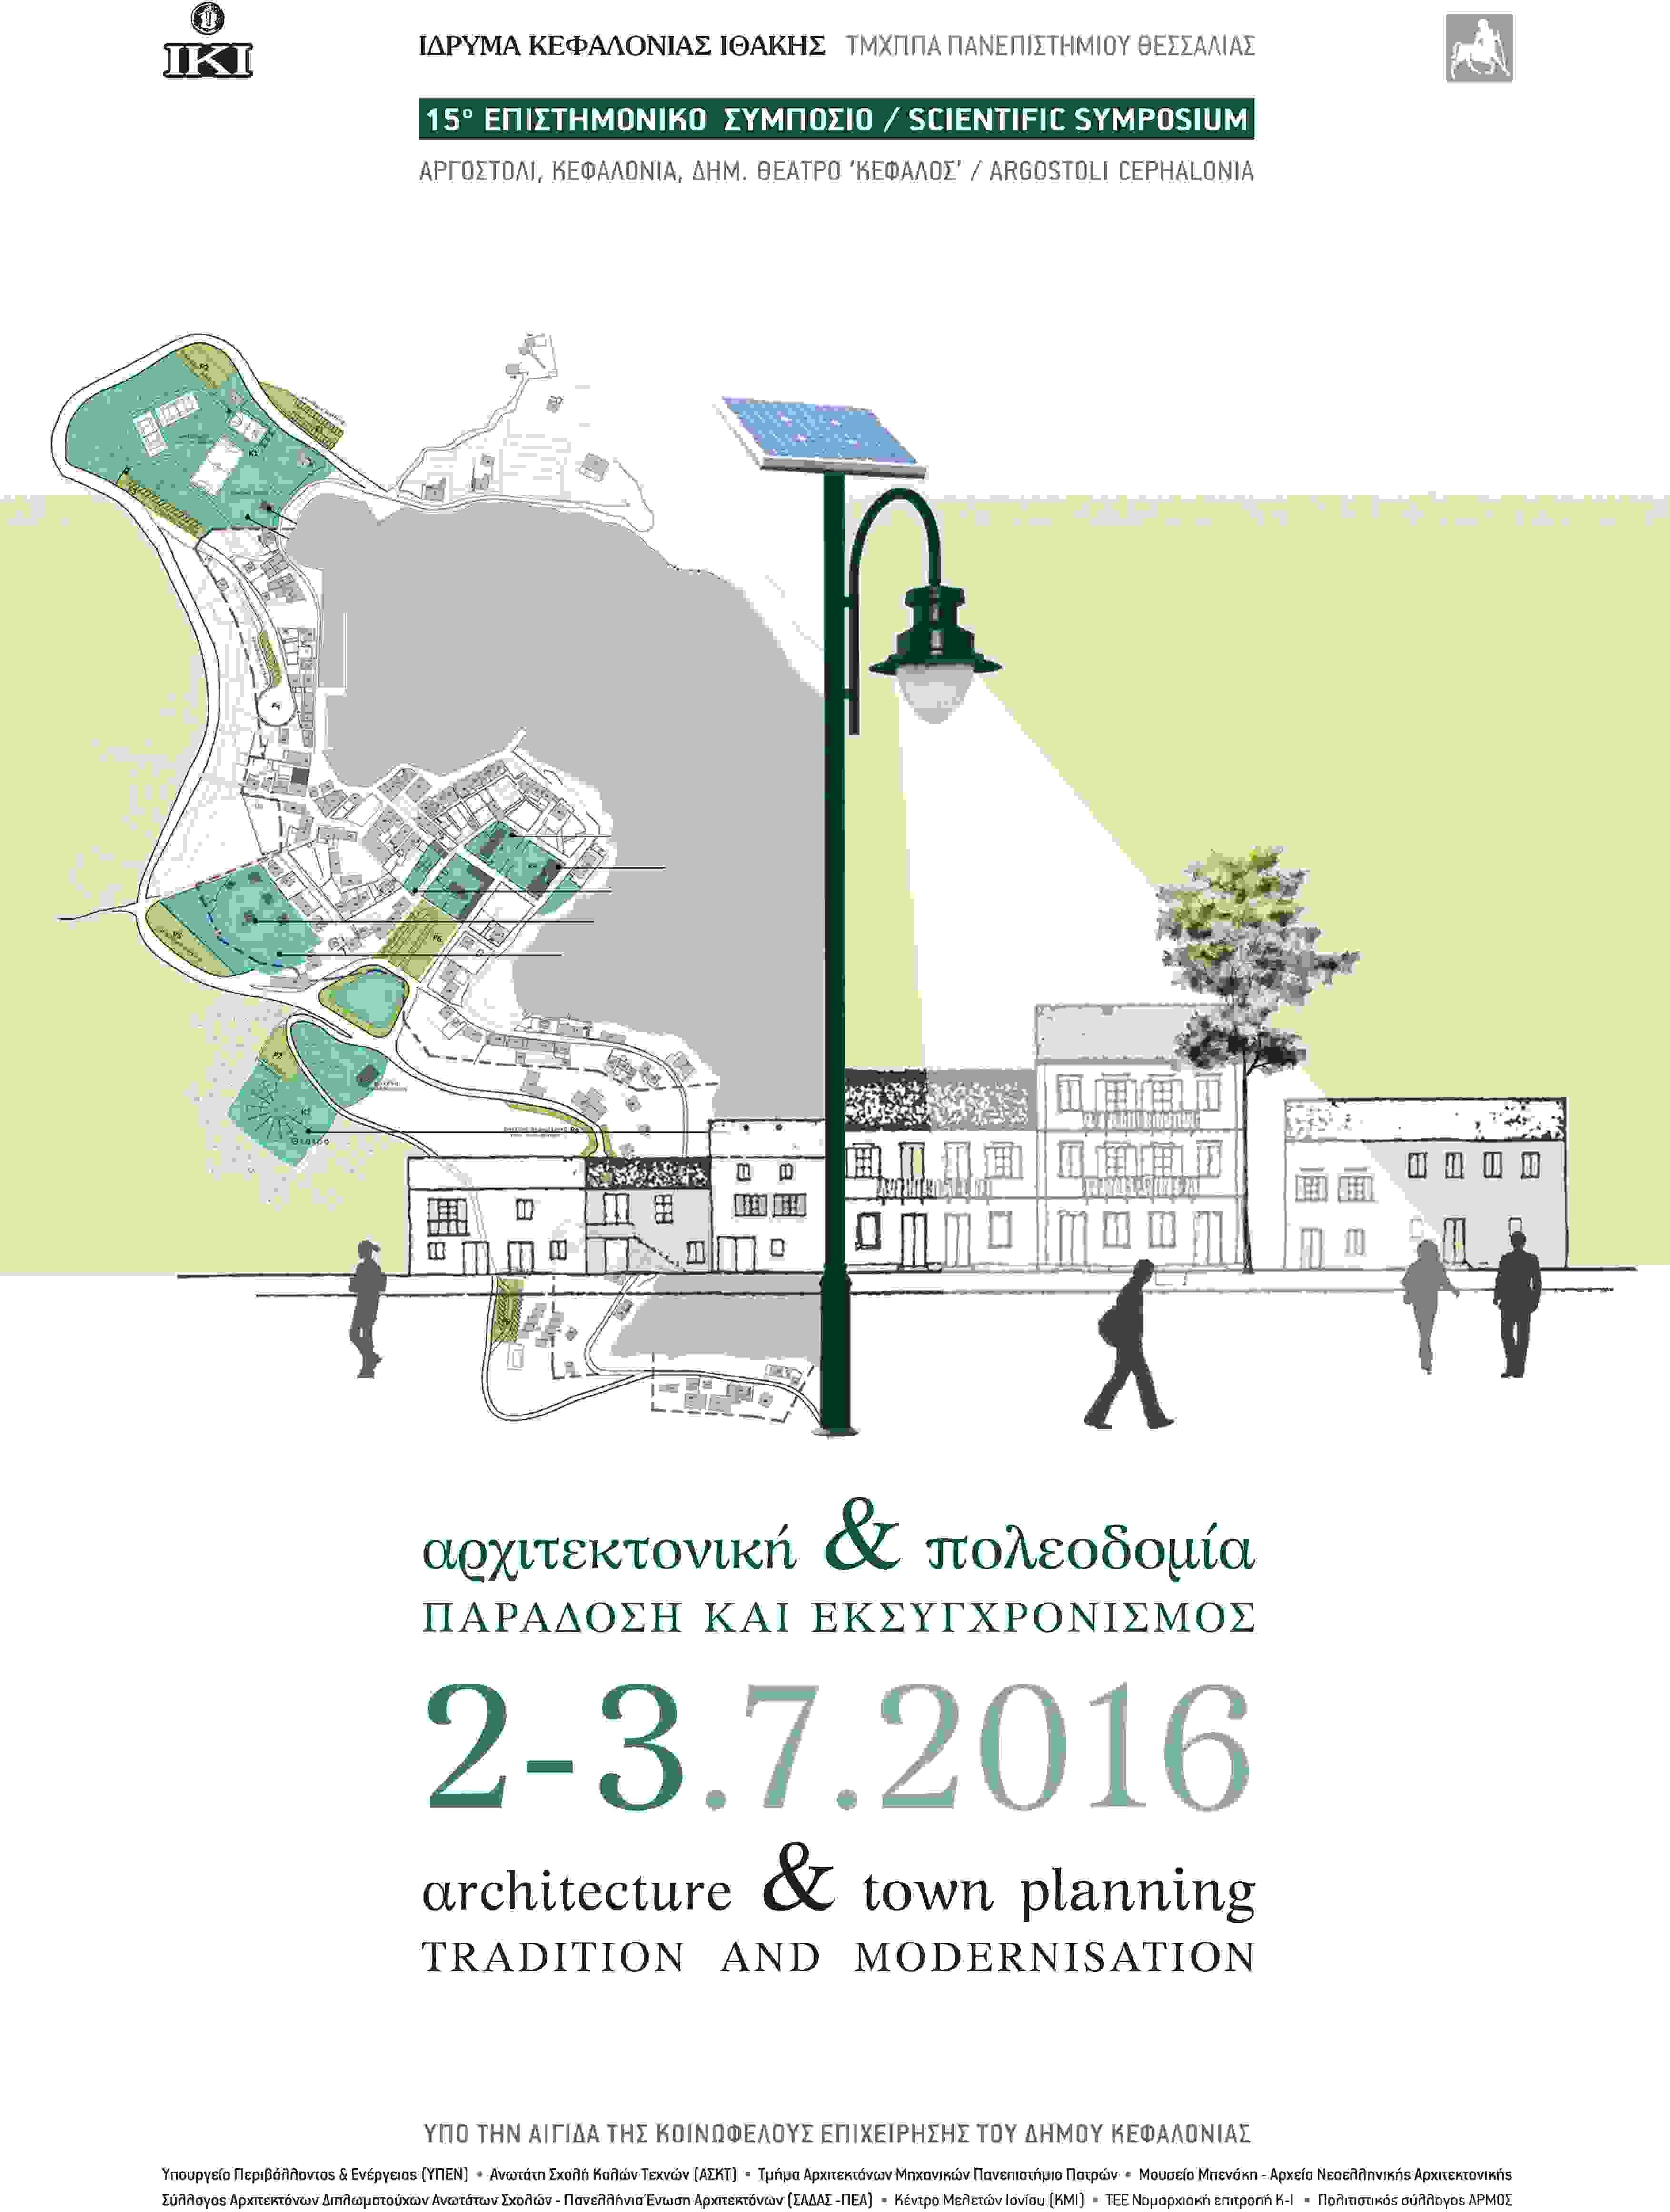 ΙΚΙ-ΤΜΧΠΠΑ 15ο ΕΠΙΣΤΗΜΟΝΙΚΟ ΣΥΜΠΟΣΙΟ 2-3  Ιουλίου 2016 Αρχιτεκτονική και πολεοδομία: Παράδοση και εκσυγχρονισμός